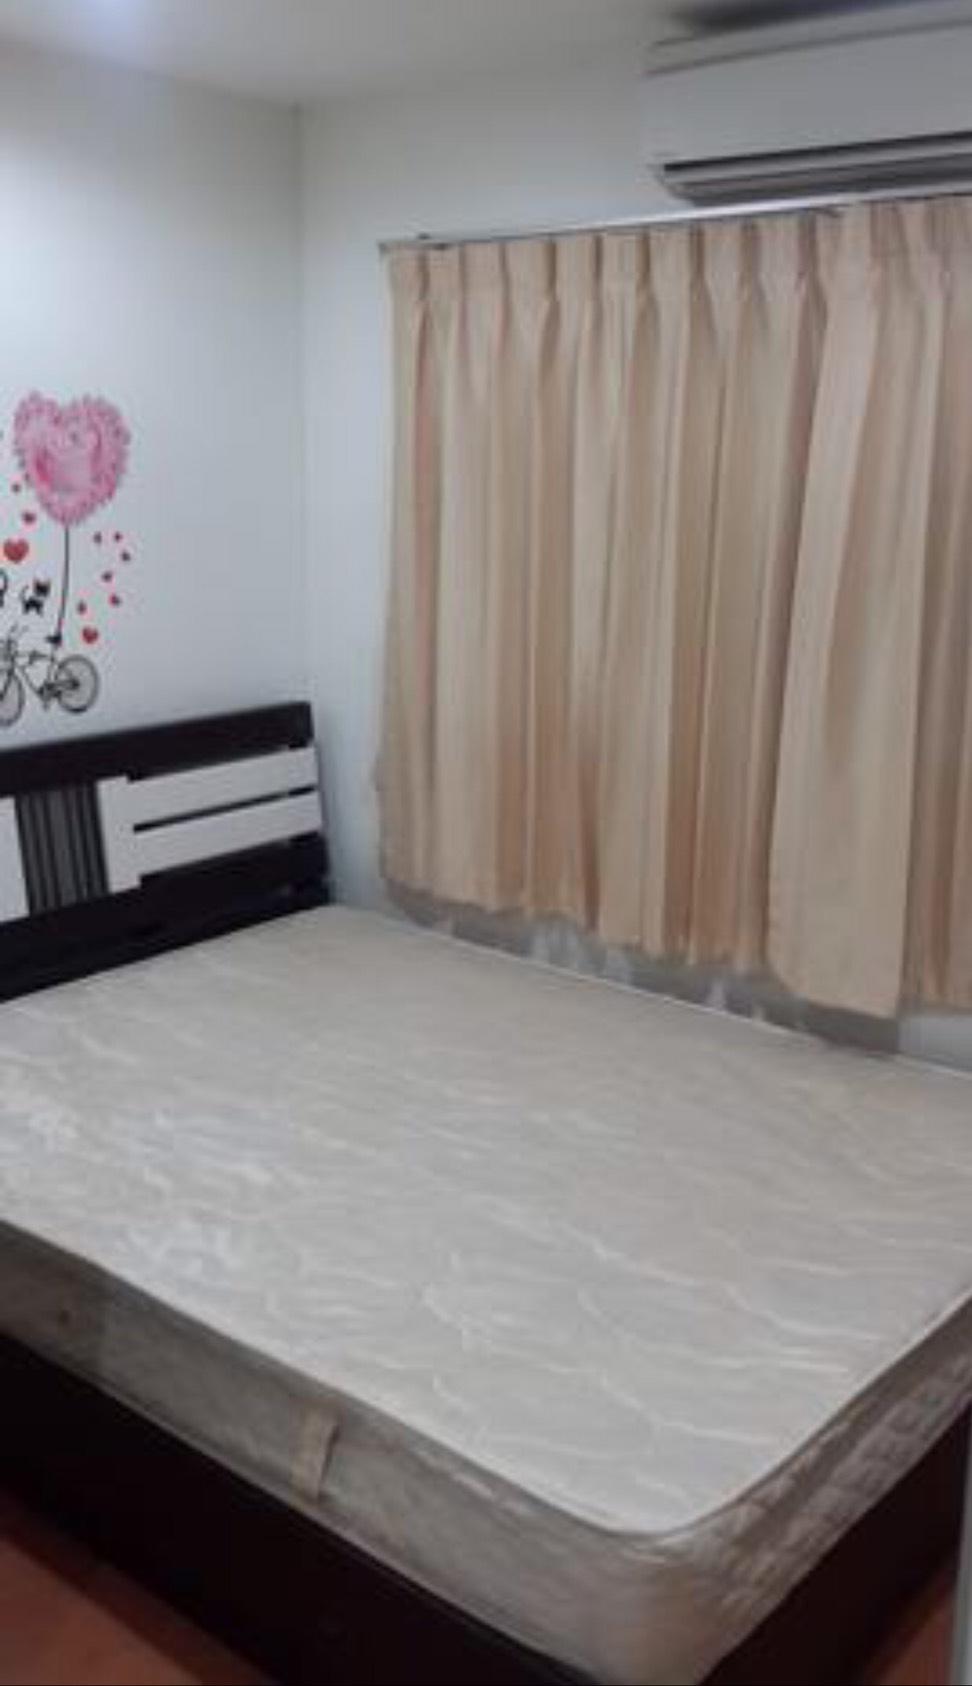 ประกาศให้เช่า ลุมพินี คอนโดทาวน์ นิด้า-เสรีไทย 2 ใกล้ MRT ลำสาลี ติดถนนเสรีไทย 1 ห้องนอน 23 ตร.ม. เฟอร์ครบ